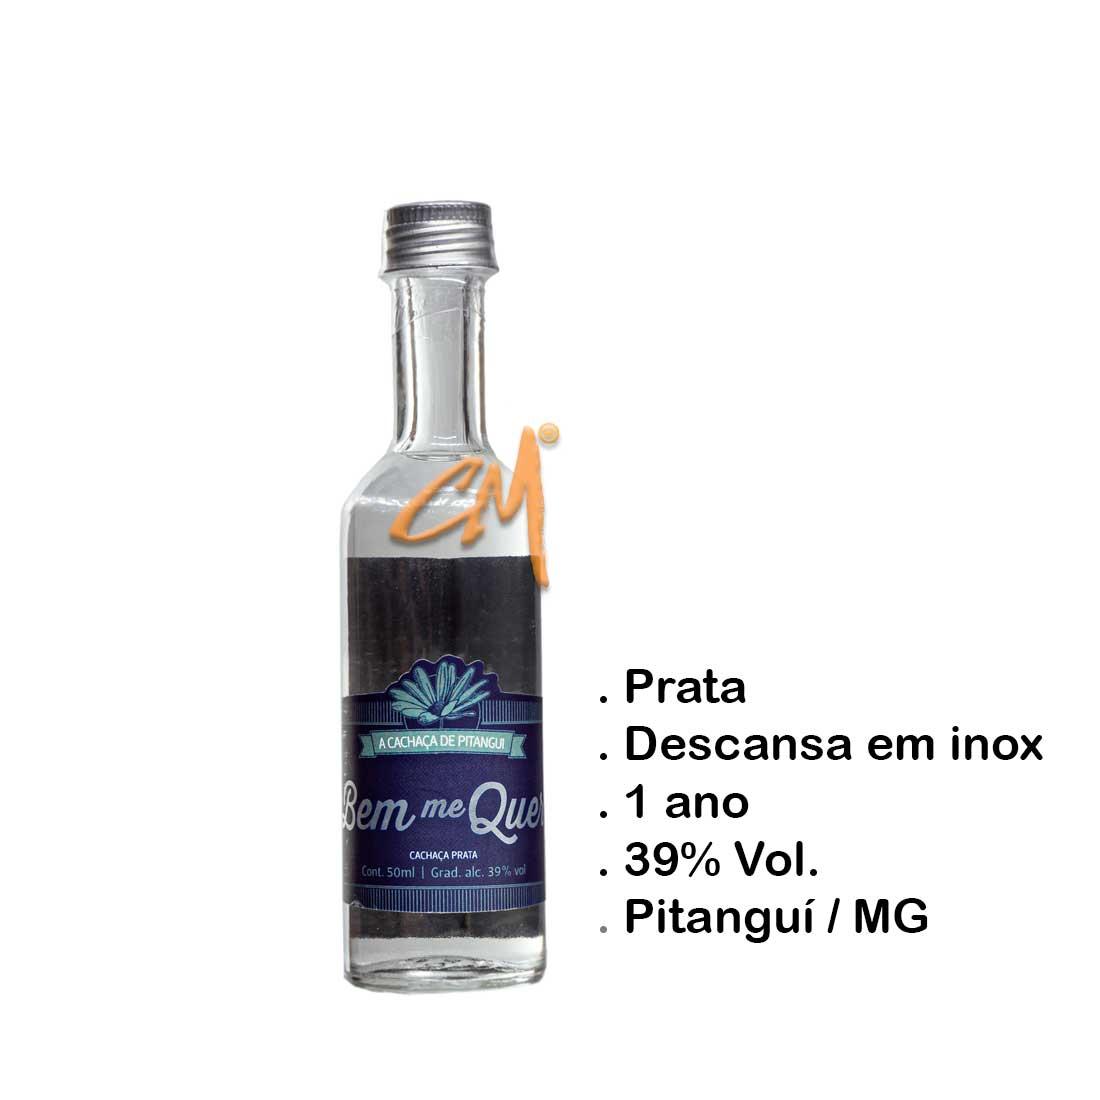 Cachaça Bem Me Quer Prata 50 ml (Pitanguí - MG)